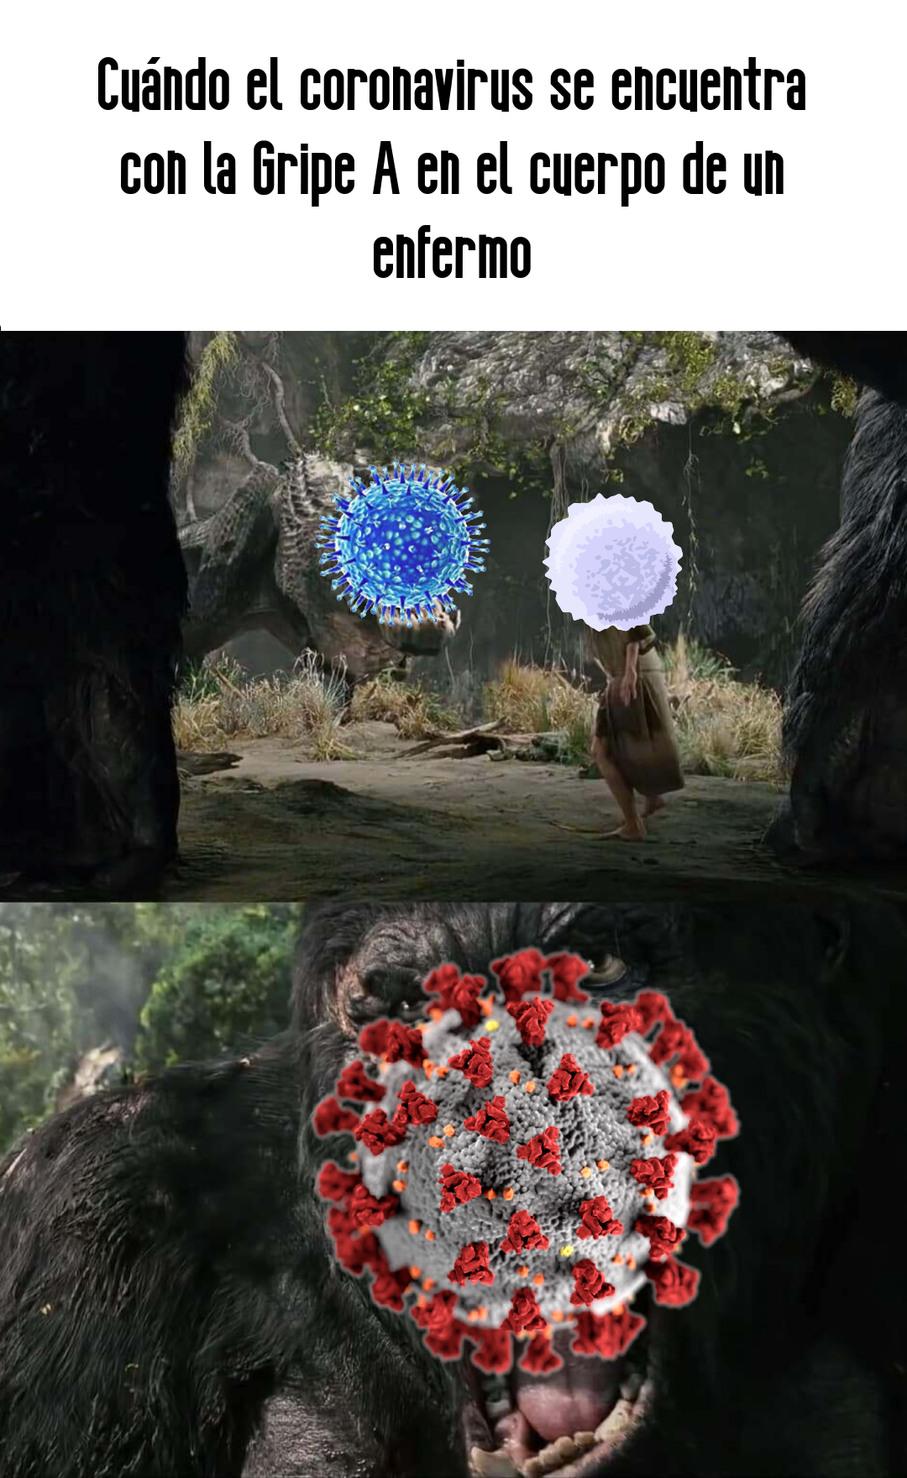 Todos tienen un meme del coronavirus, solo quería tener uno yo :(